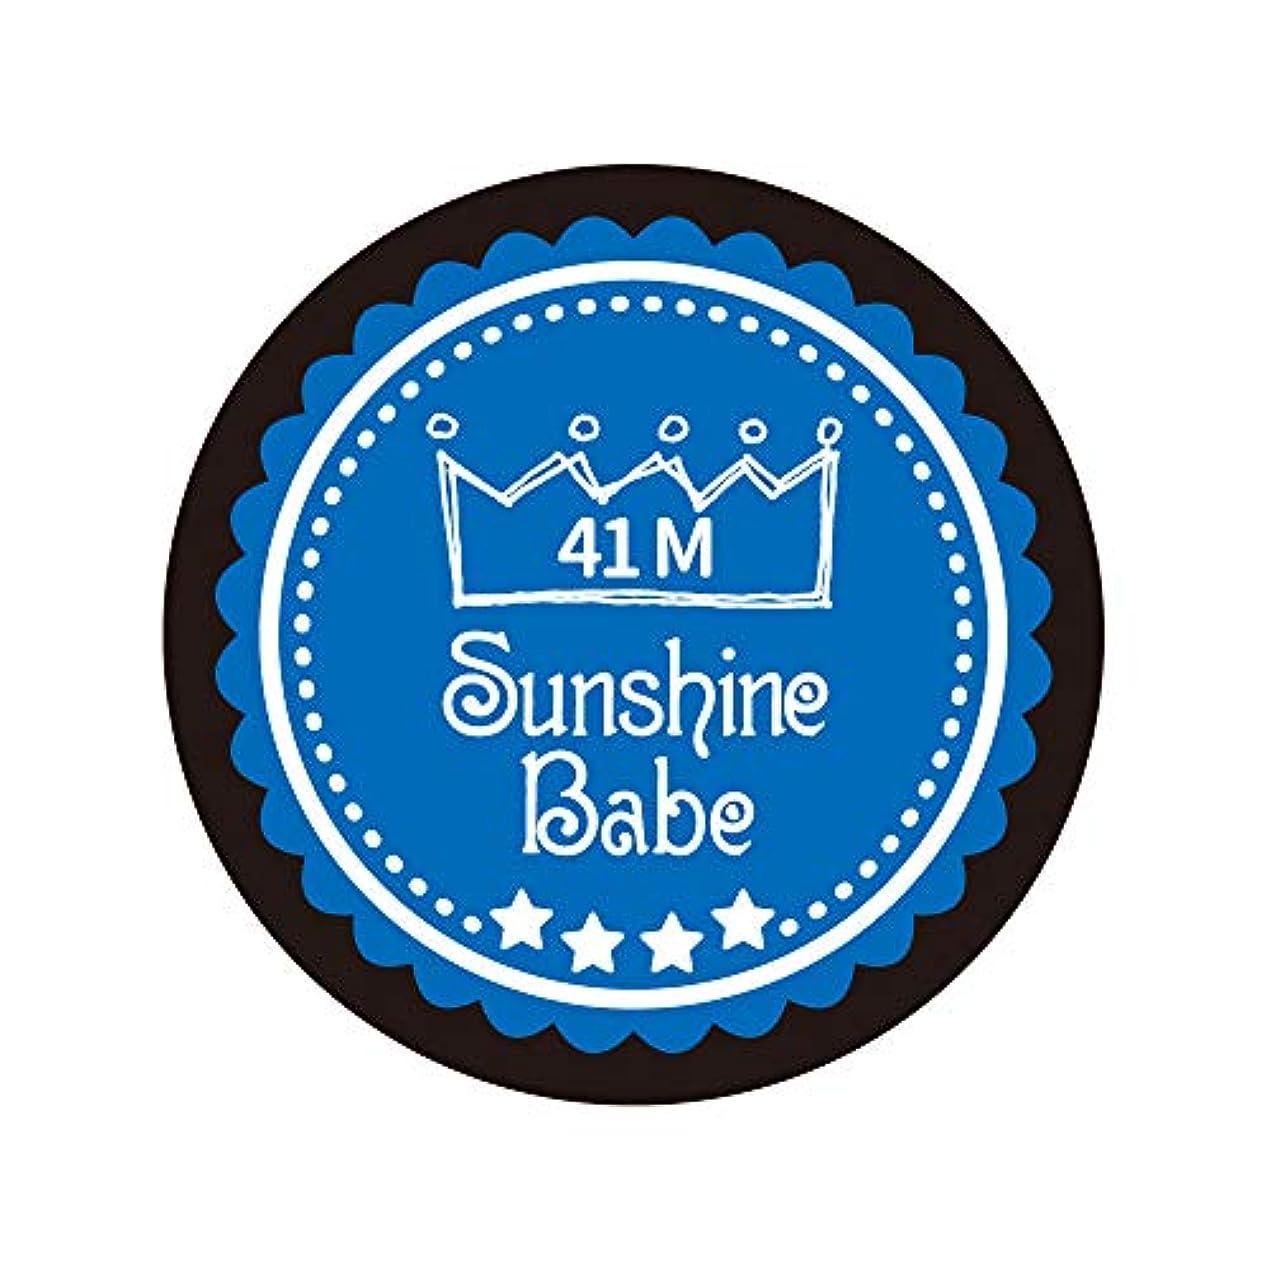 指定する法律伝統的Sunshine Babe カラージェル 41M ネブラスブルー 4g UV/LED対応